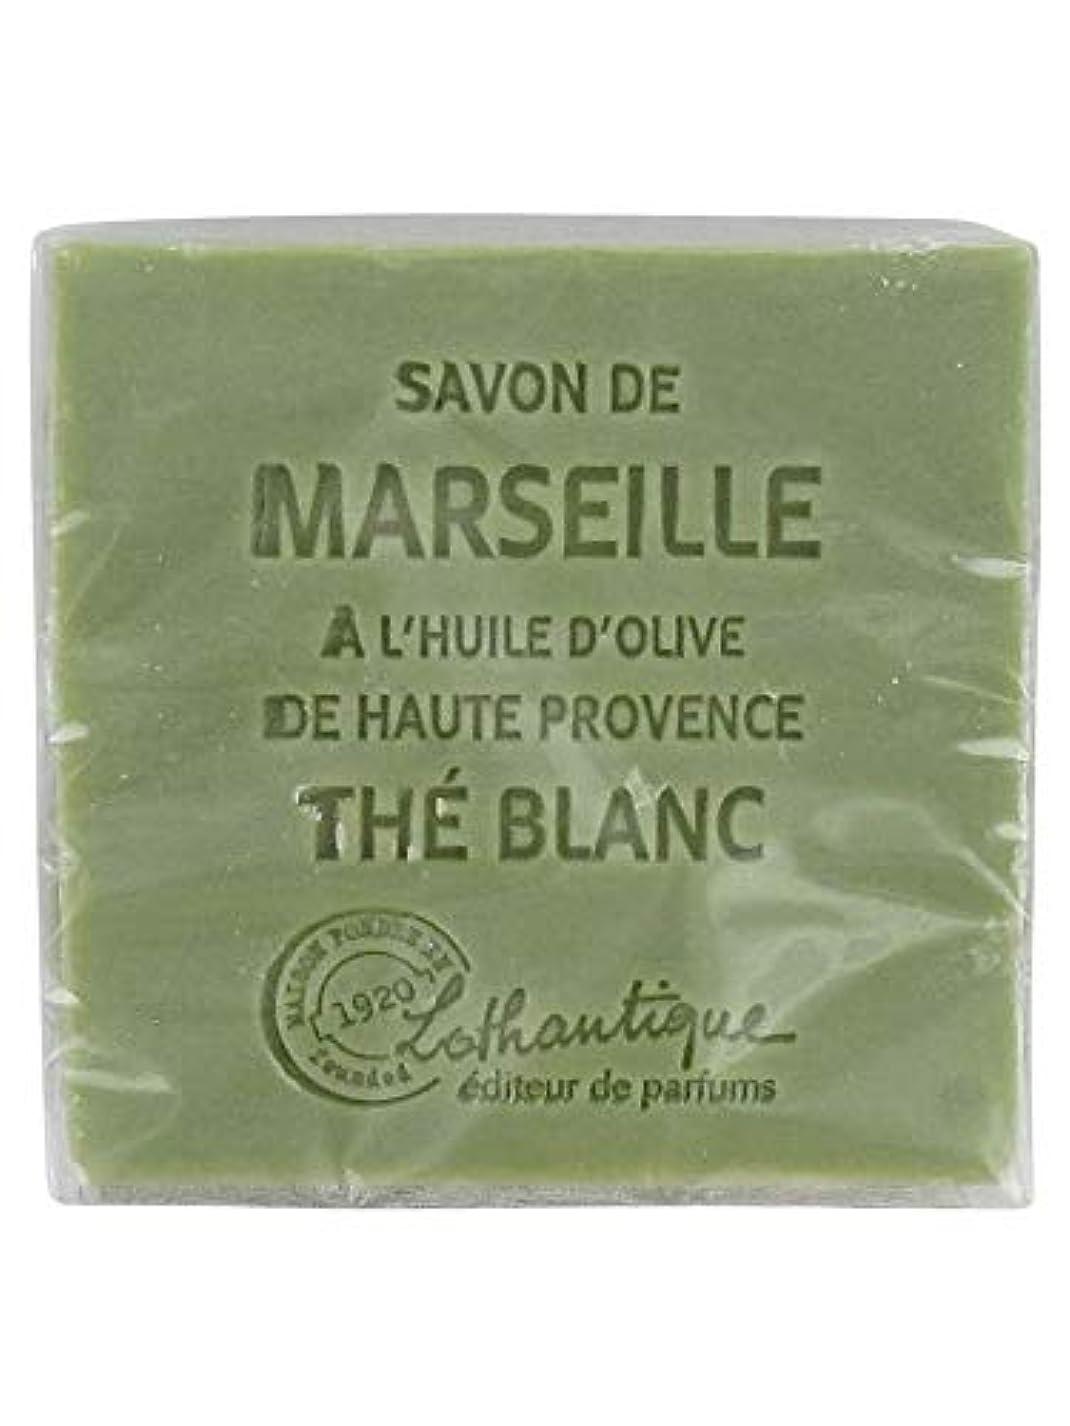 創造ペース感動するLothantique(ロタンティック) Les savons de Marseille(マルセイユソープ) マルセイユソープ 100g 「ホワイトティー」 3420070038036